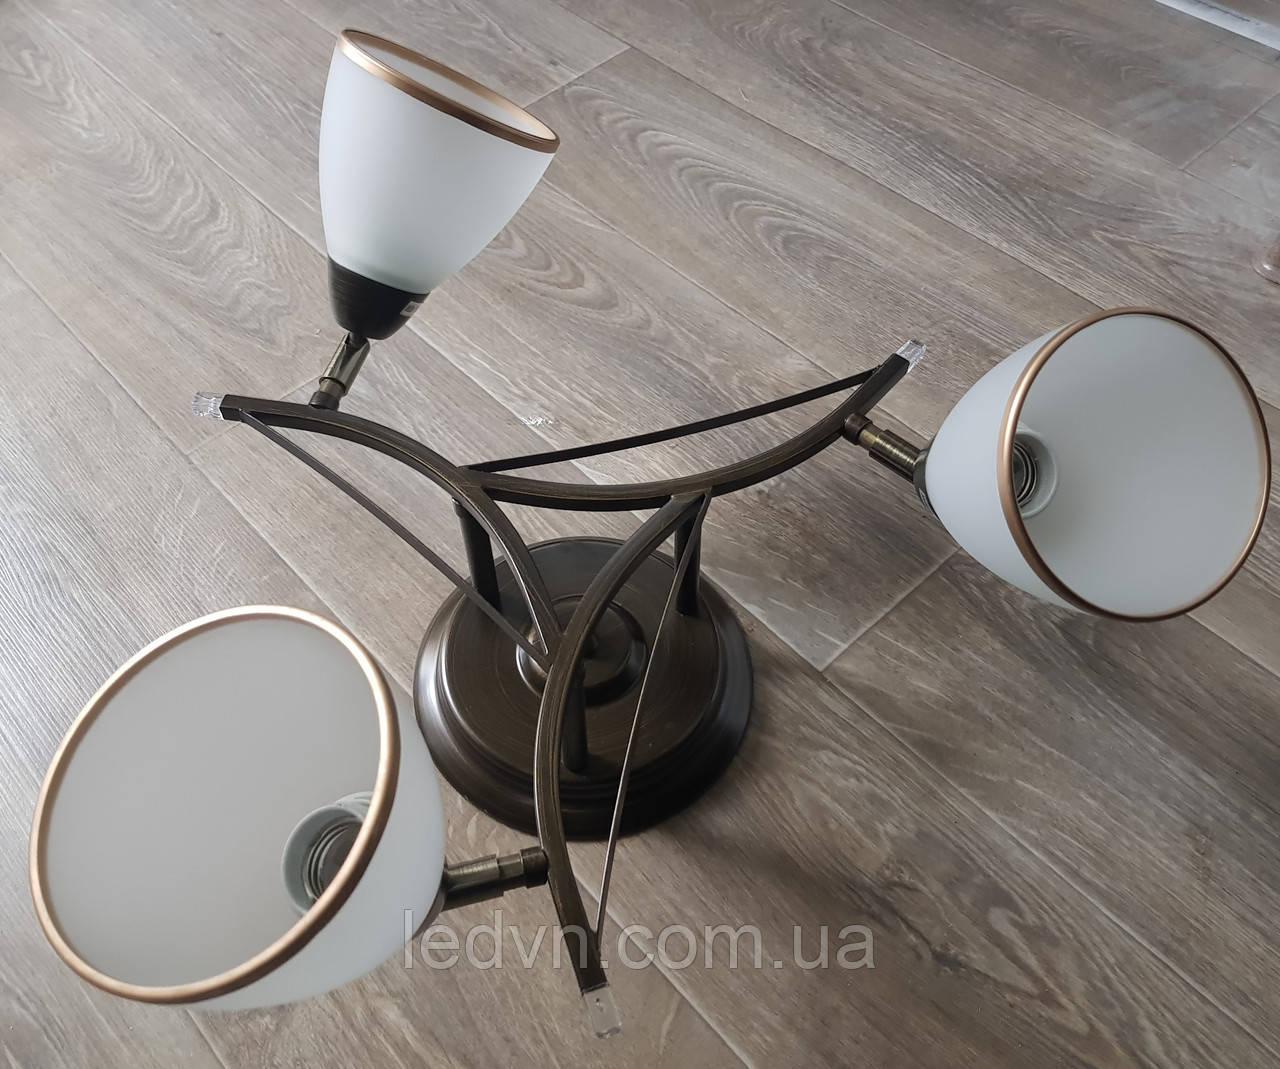 Стельова люстра на 3 лампочки колір венге з поворотними плафонами